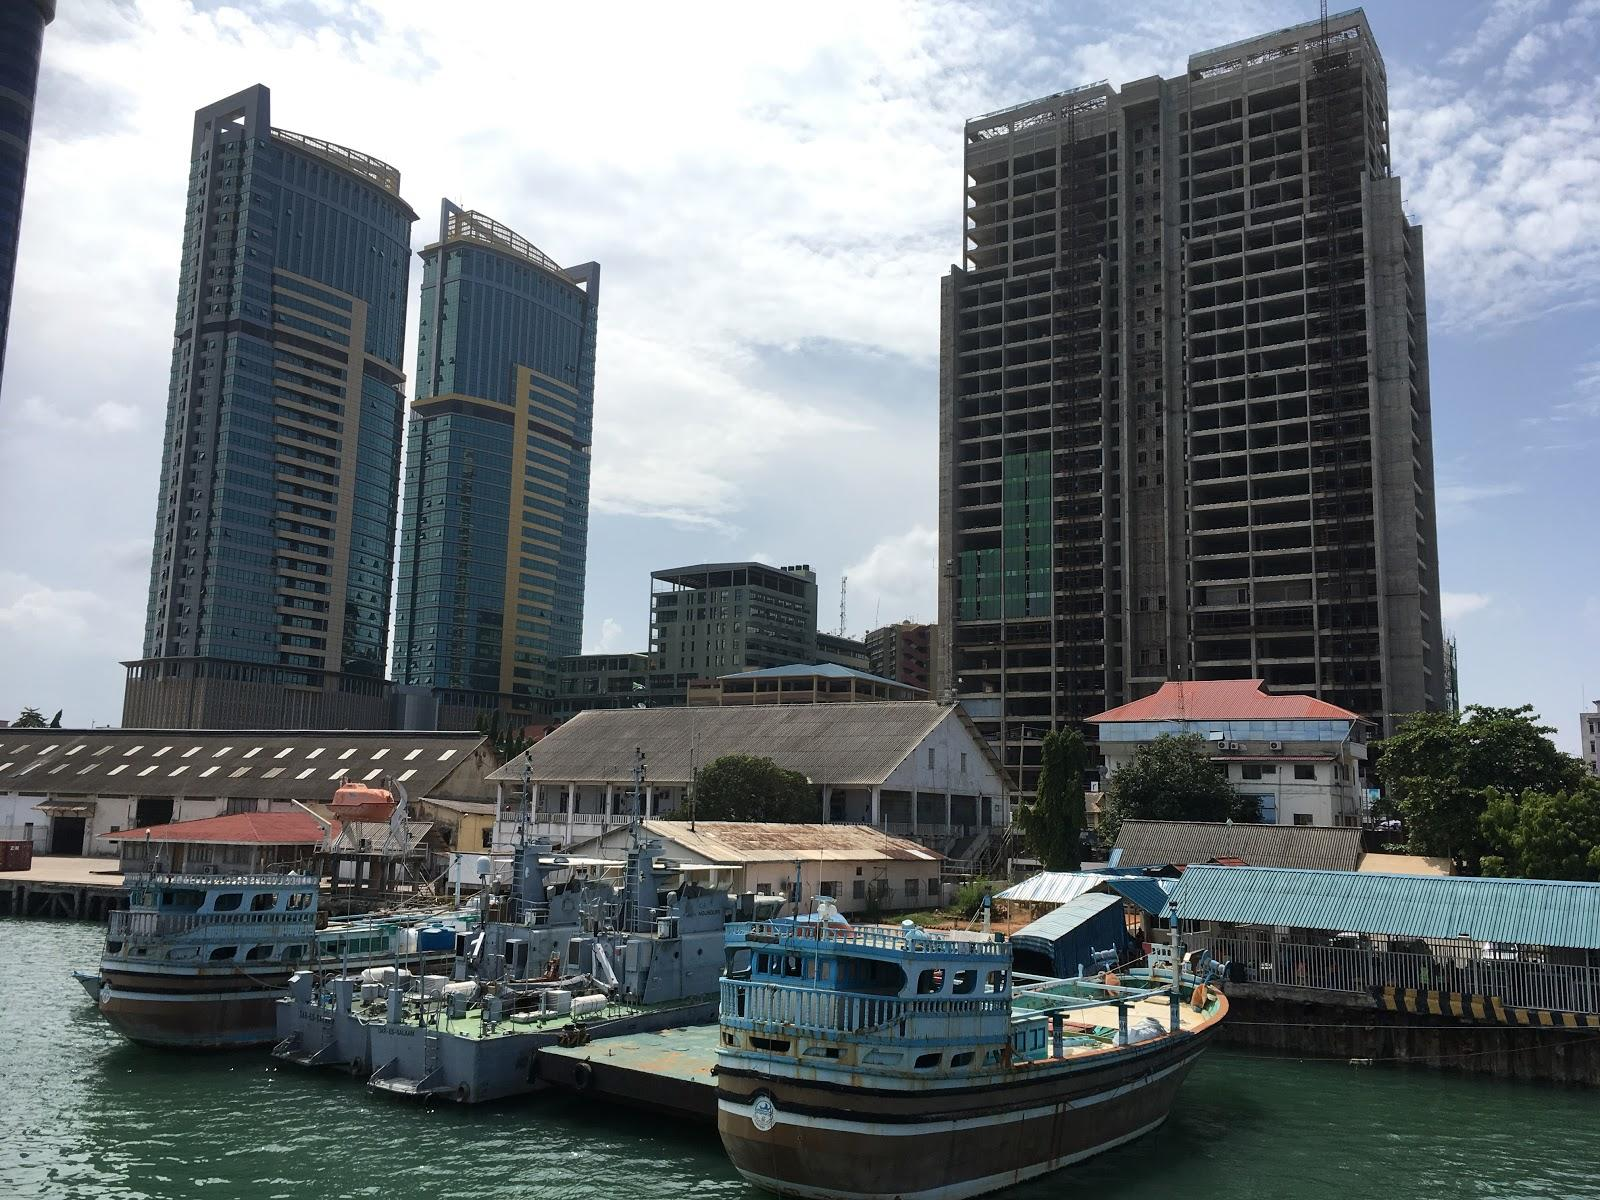 Pohľad na Dar Es Salaam z lode, Tanzánia